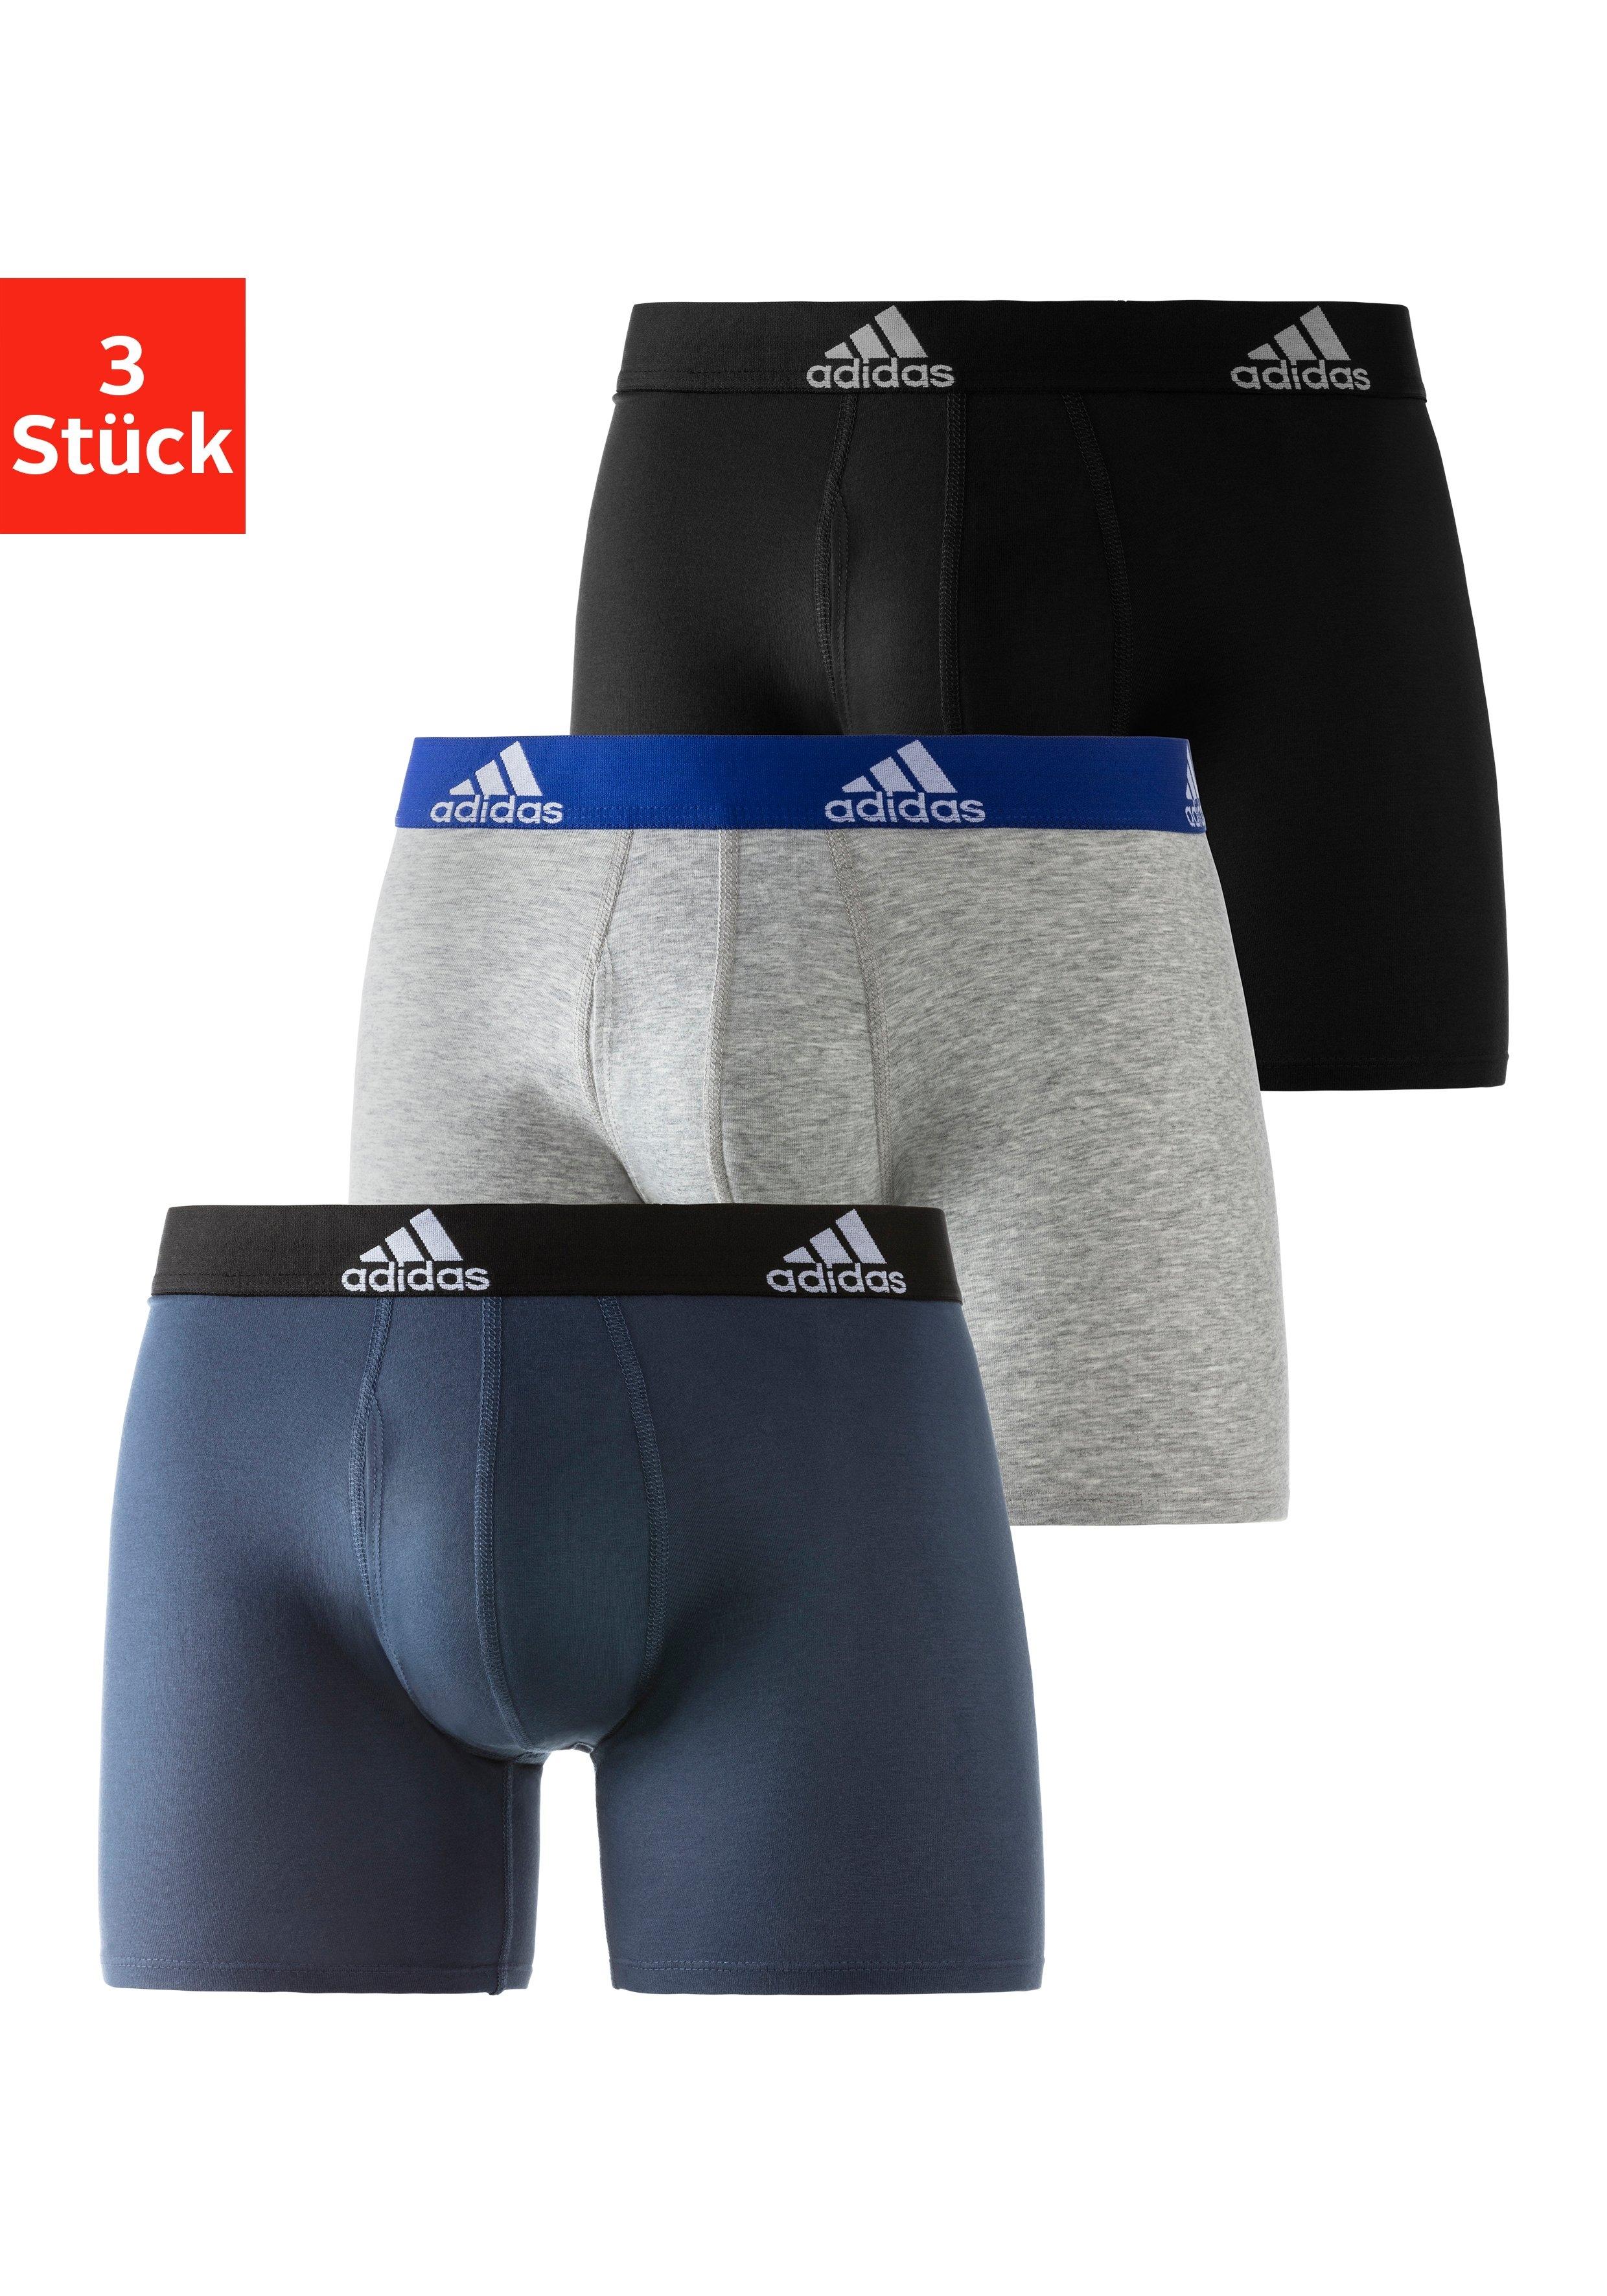 adidas Originals Boxershort Logo-weefband (3 stuks) nu online bestellen